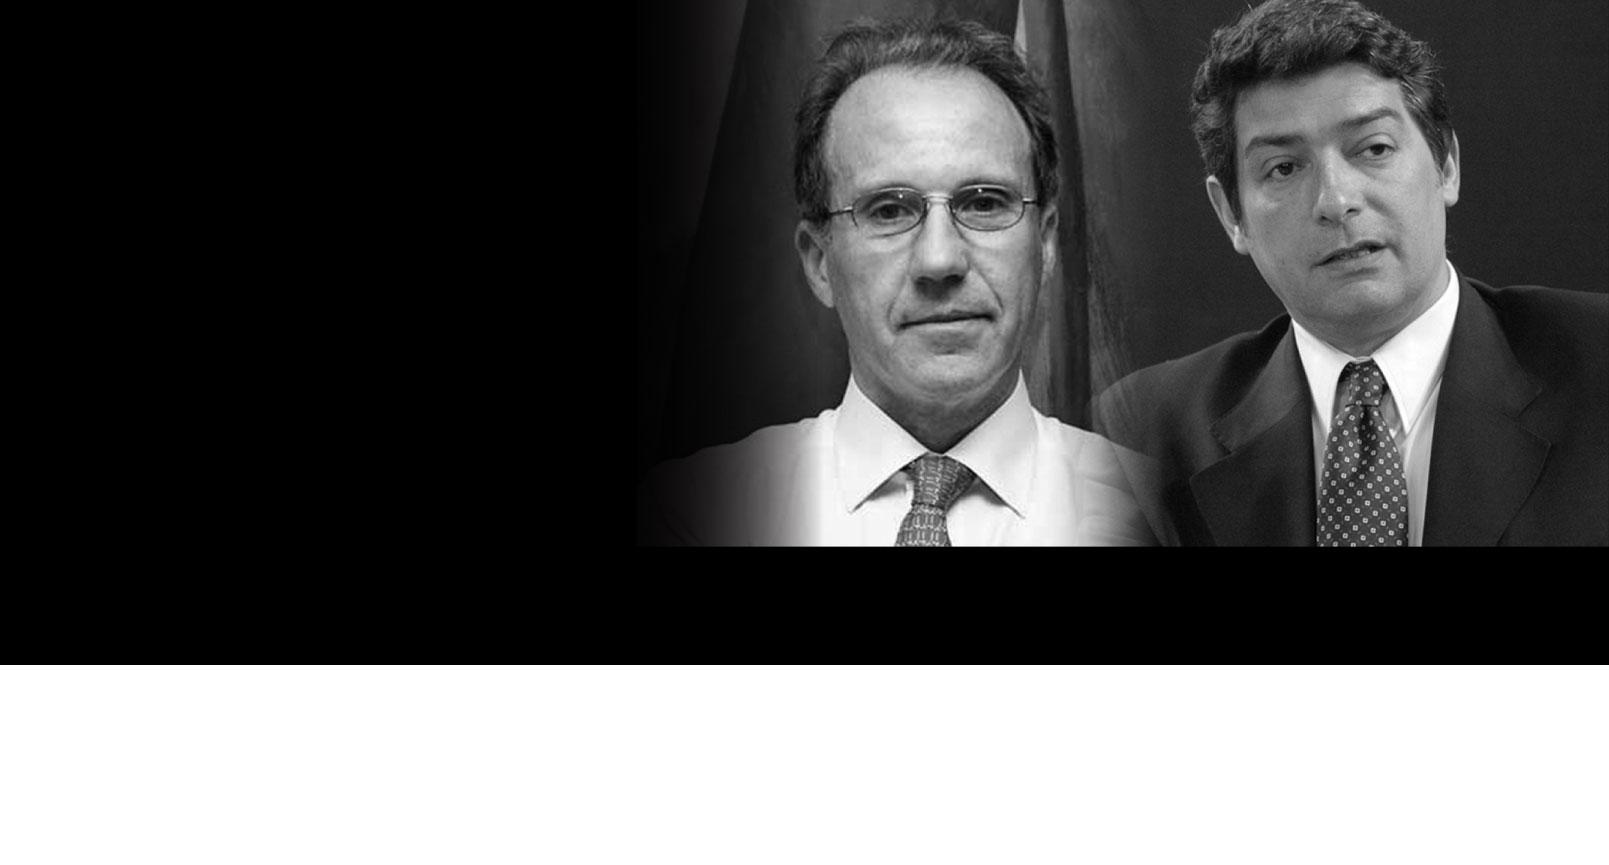 Toda la información sobre las candidaturas de Rosenkrantz y Rosatti a la Corte Suprema de Justicia de la Nación